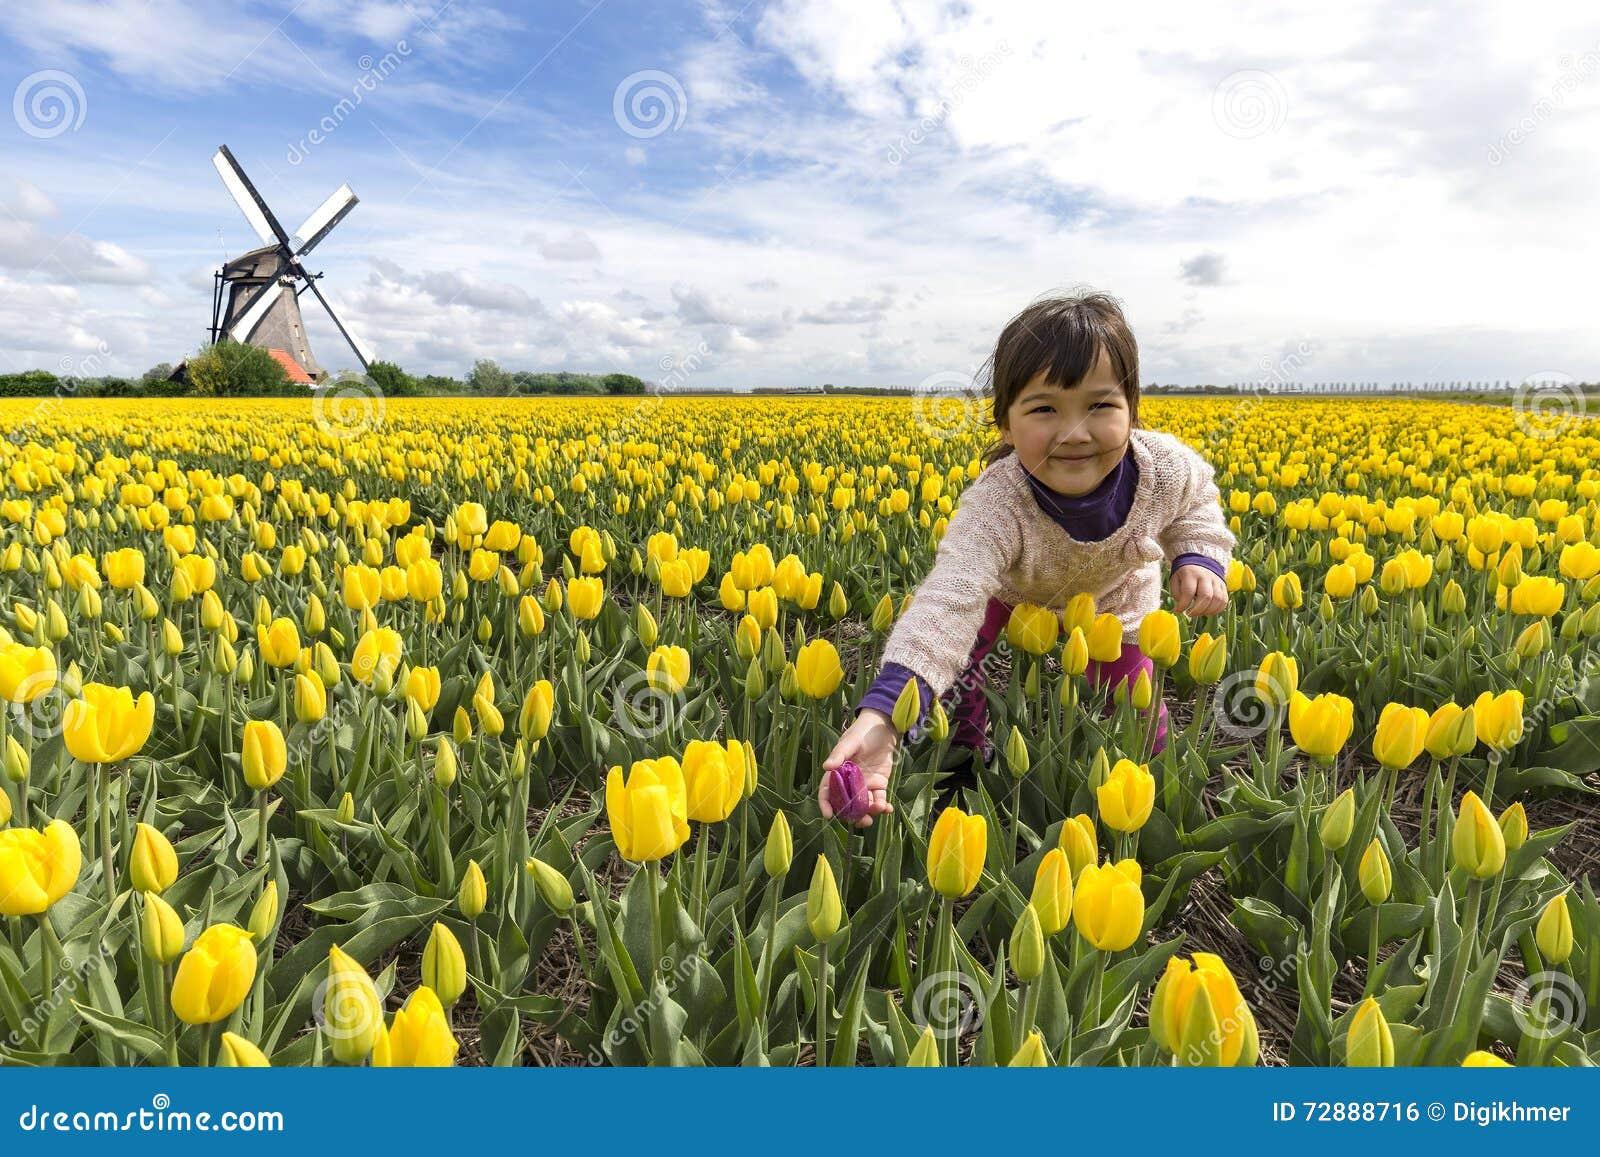 Soins de la tulipe rouge seule parmi les autres